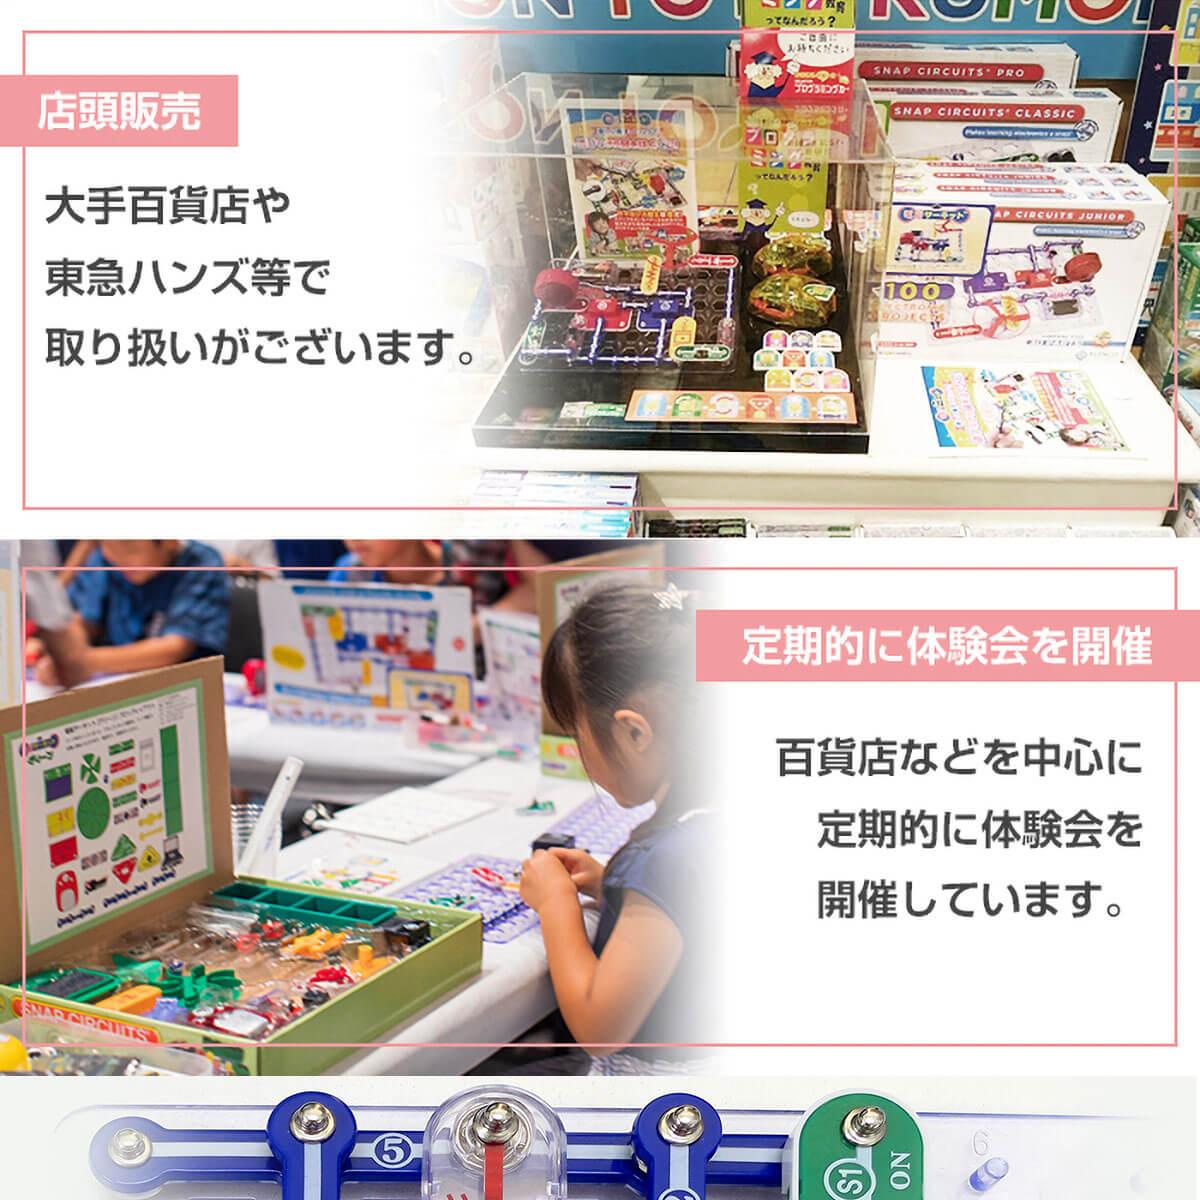 百貨店や小売り、展示会も定期的に実施